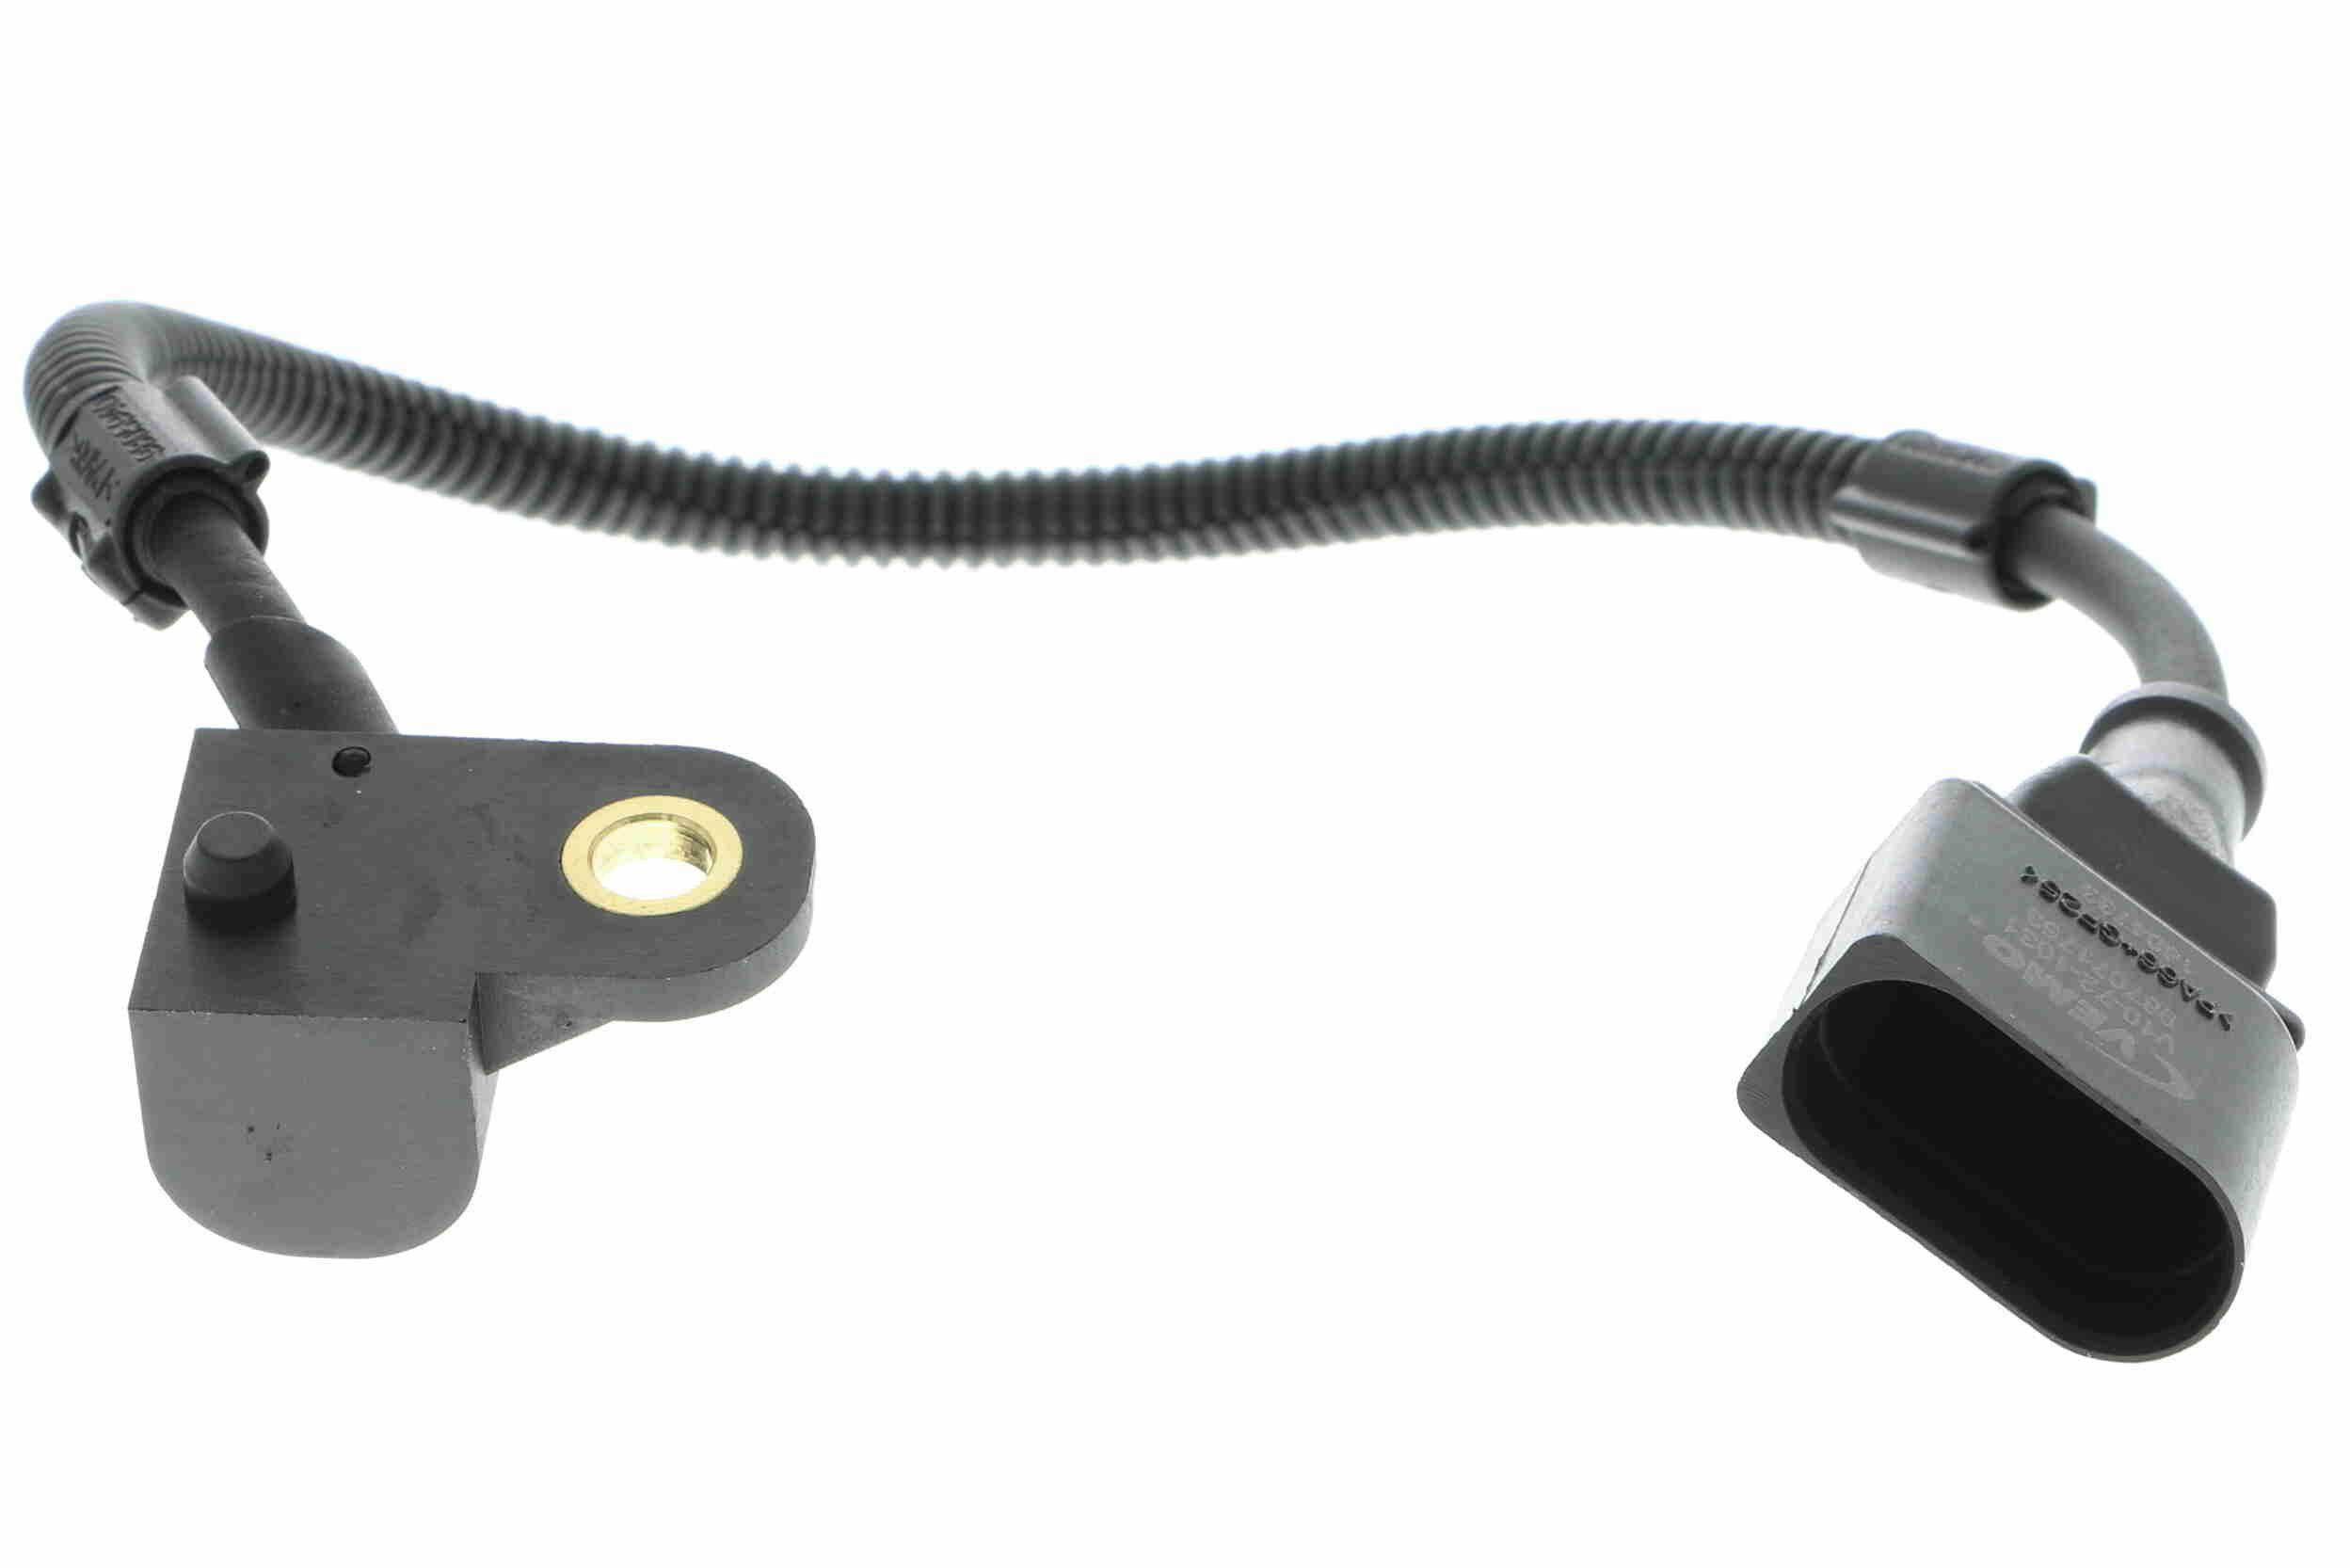 Origine Capteur position d'arbre à cames VEMO V10-72-1031 (Nombre de connexions: 3, Nombres de pôles: 3pôle, Longueur de câble: 330, 445mm)